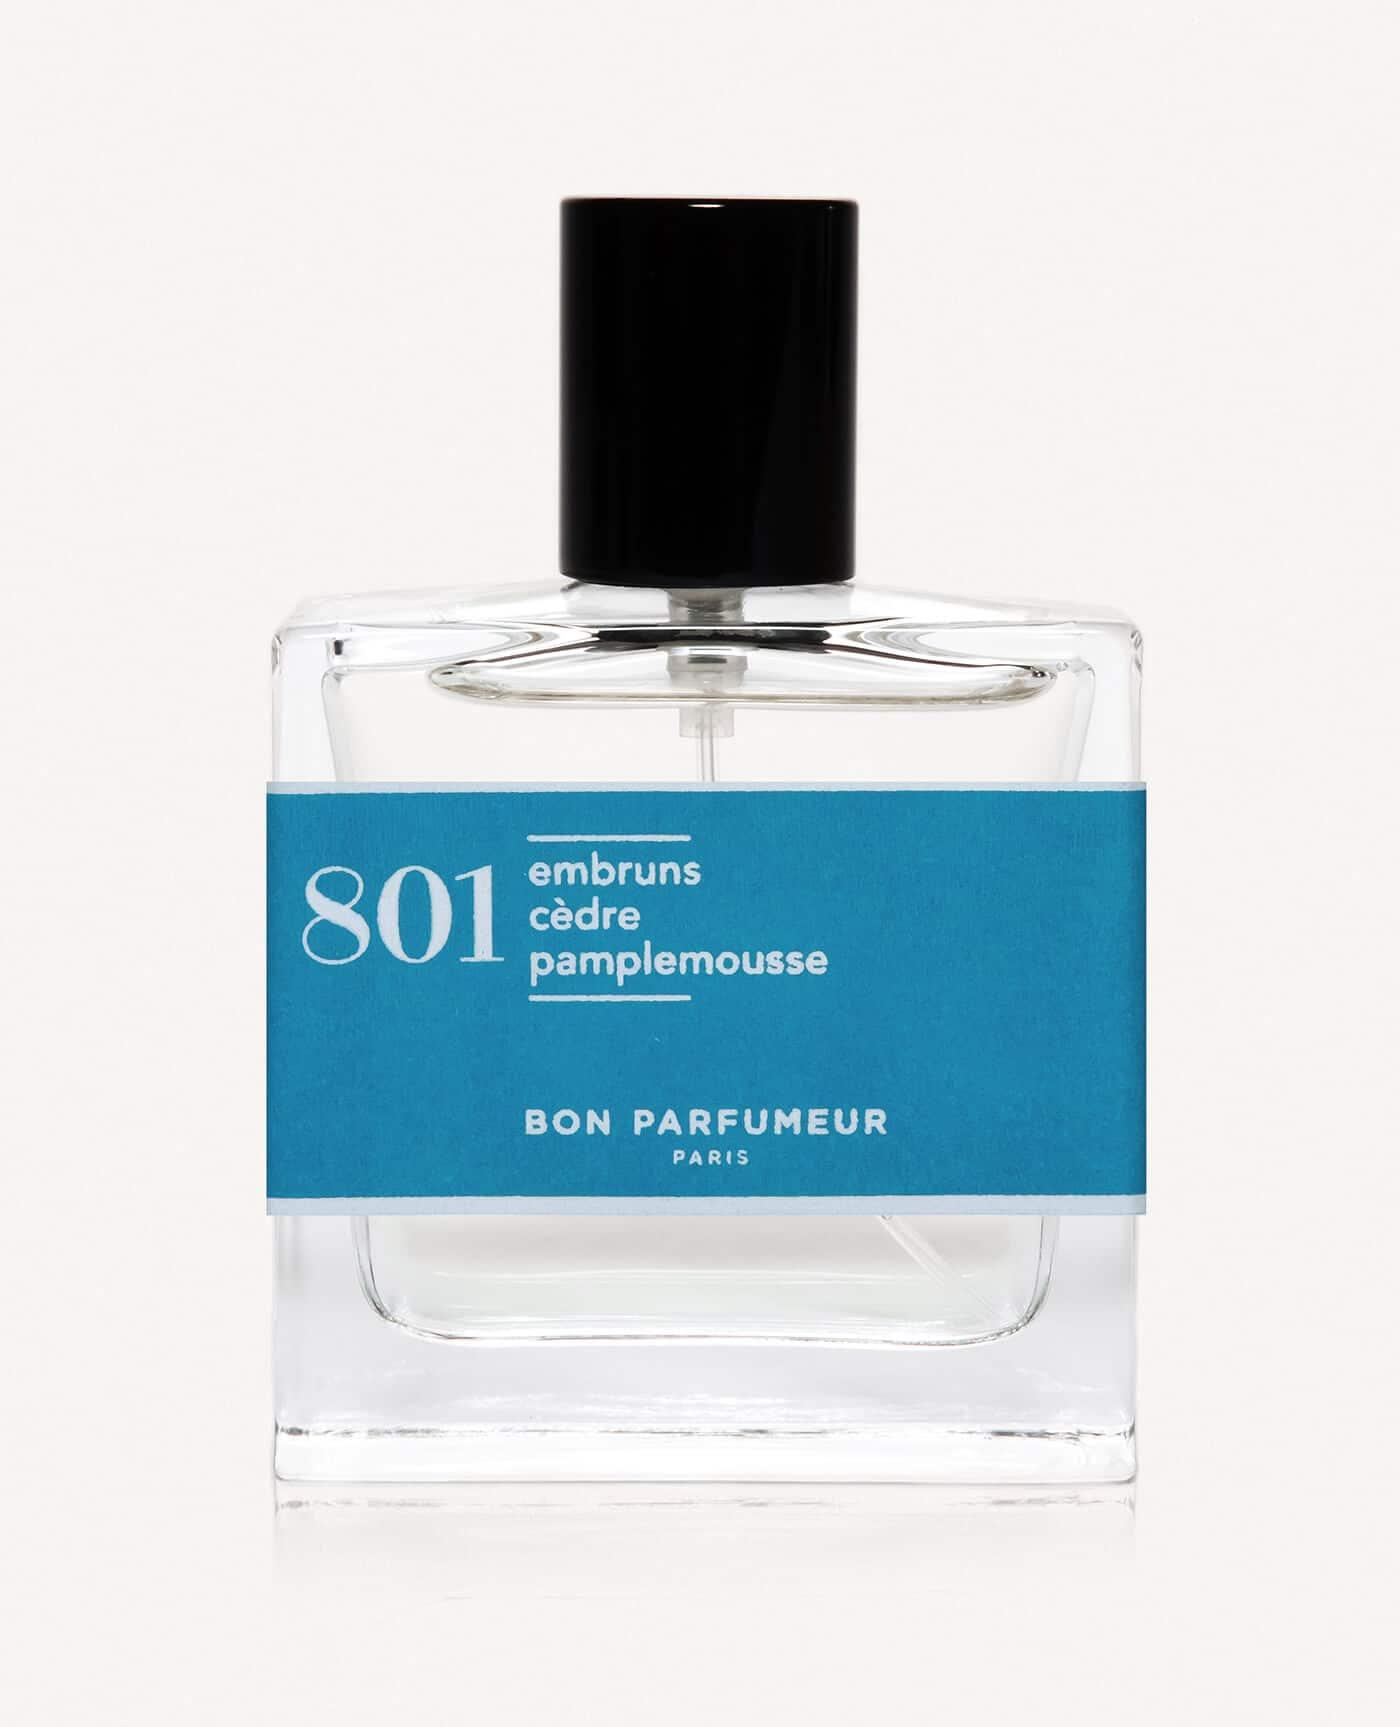 Eau de parfum made in france naturelle de la marque Bon Parfumeur 801 embrun cèdre pamplemousse